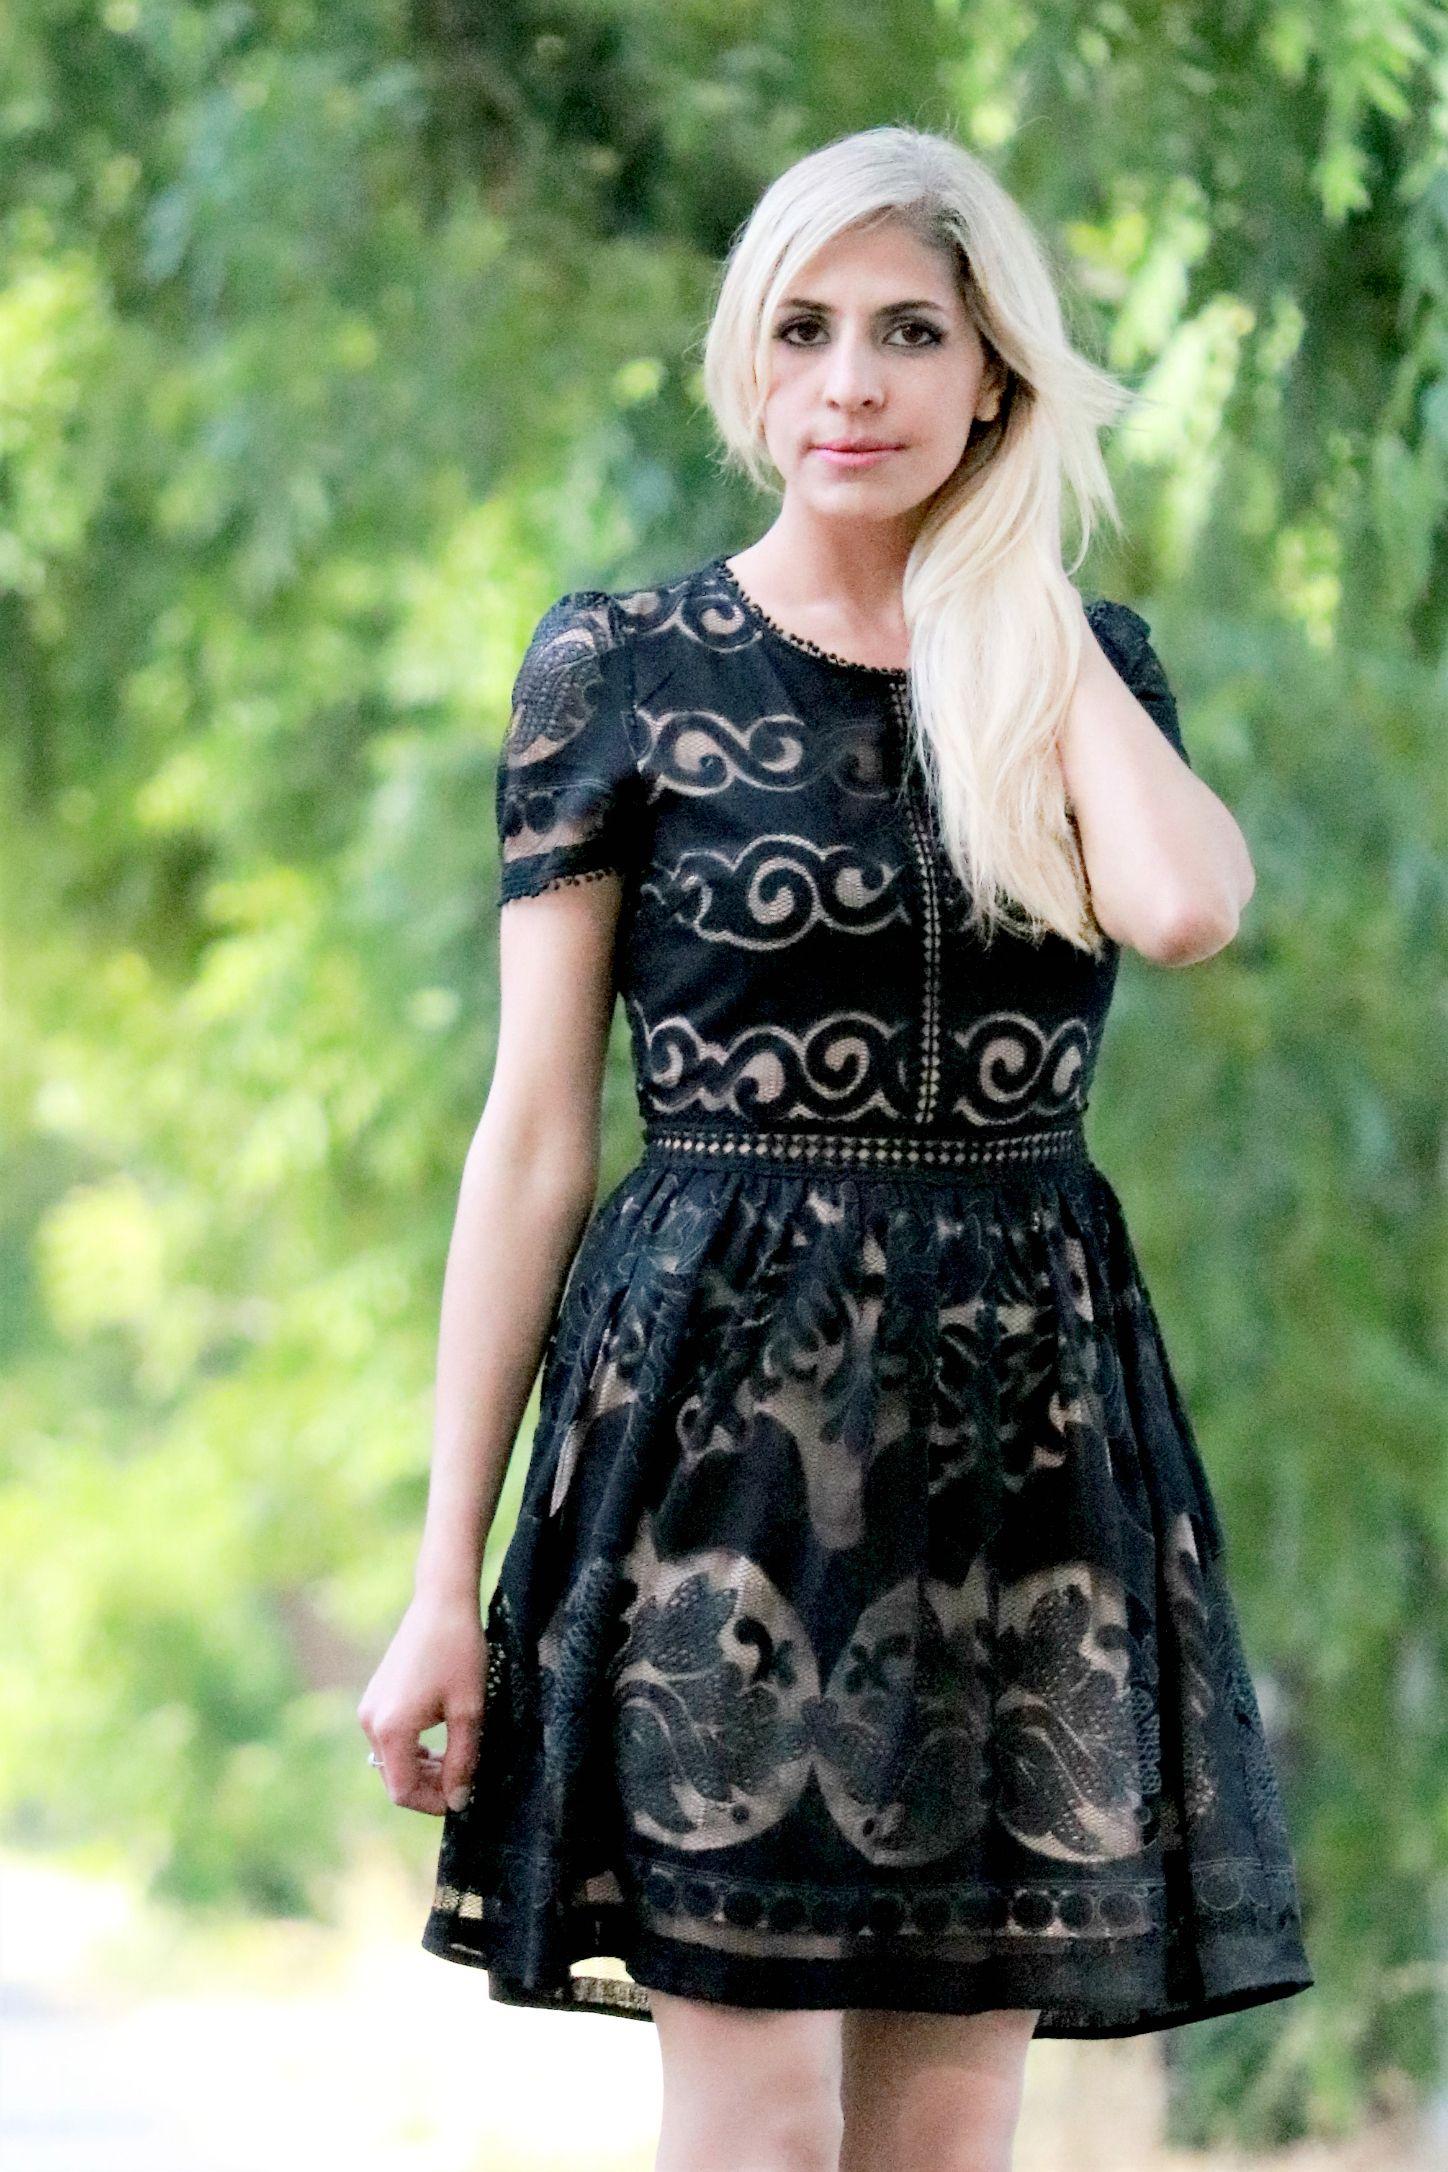 Classic noir lace dress forever dolledup boutique pinterest